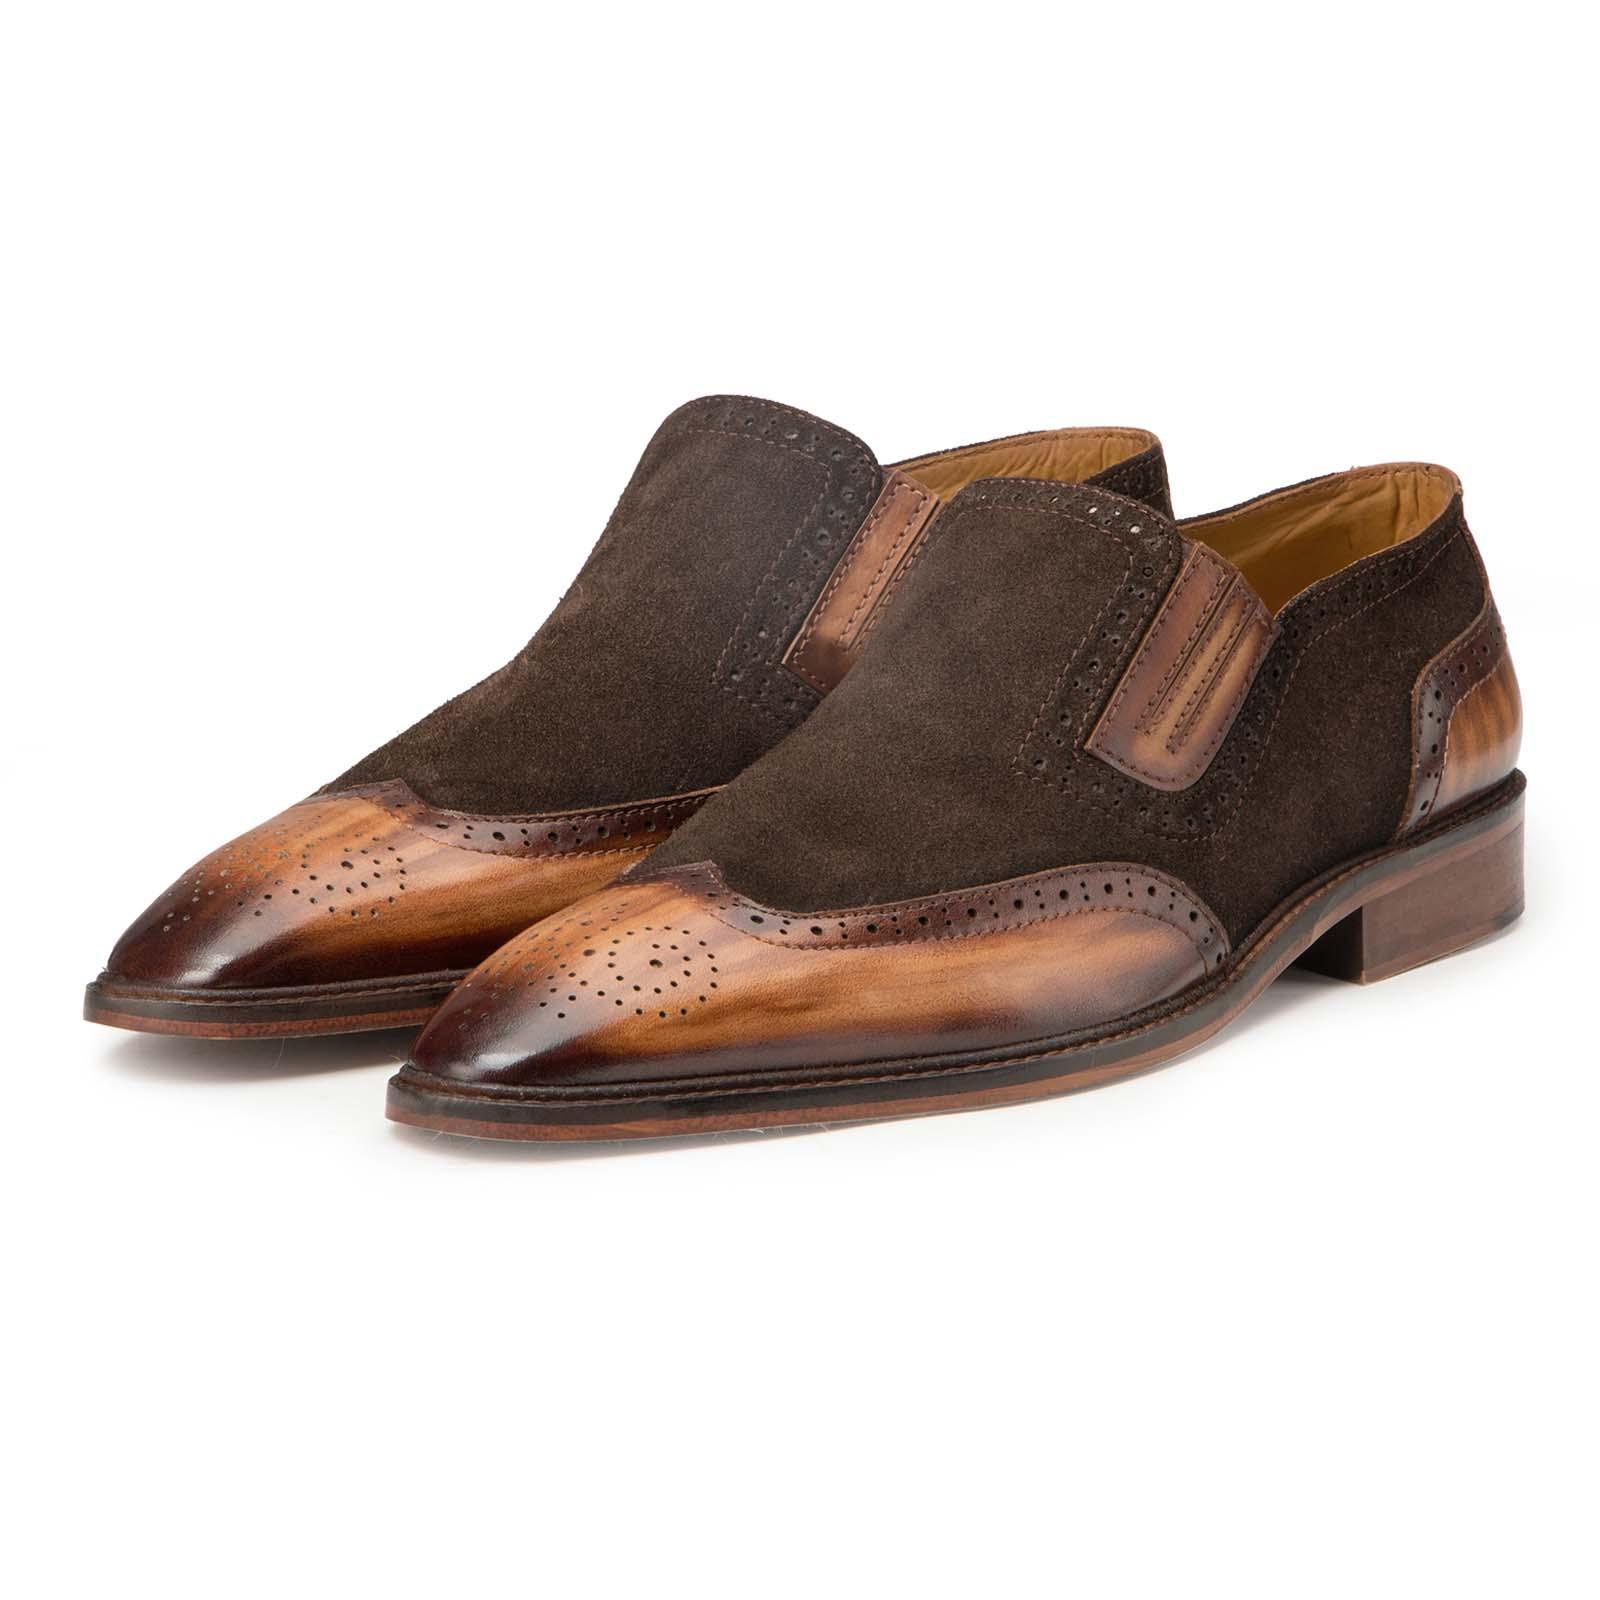 Brown-Tan Wingtip Slip On